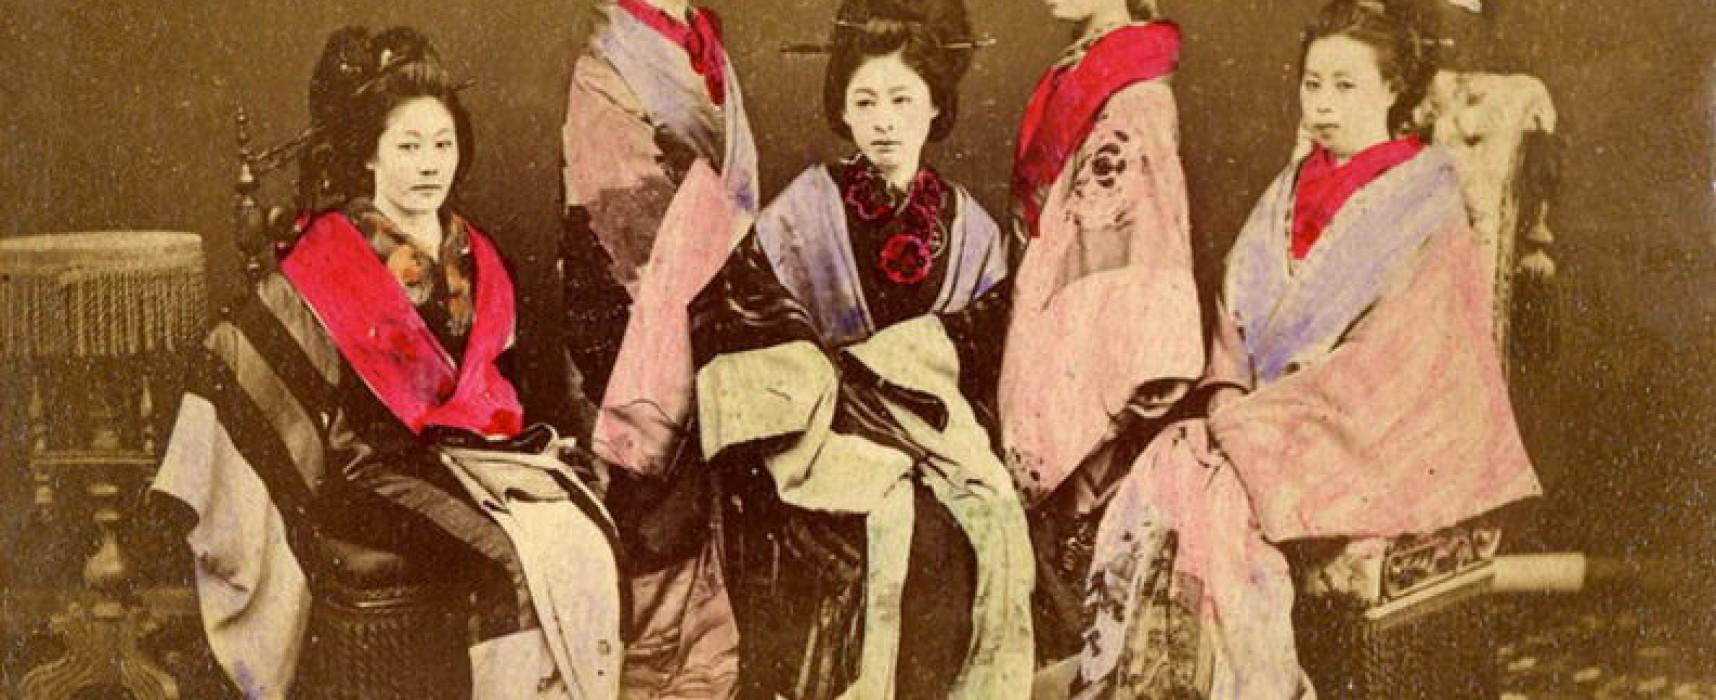 High Hopes for Comfort Women